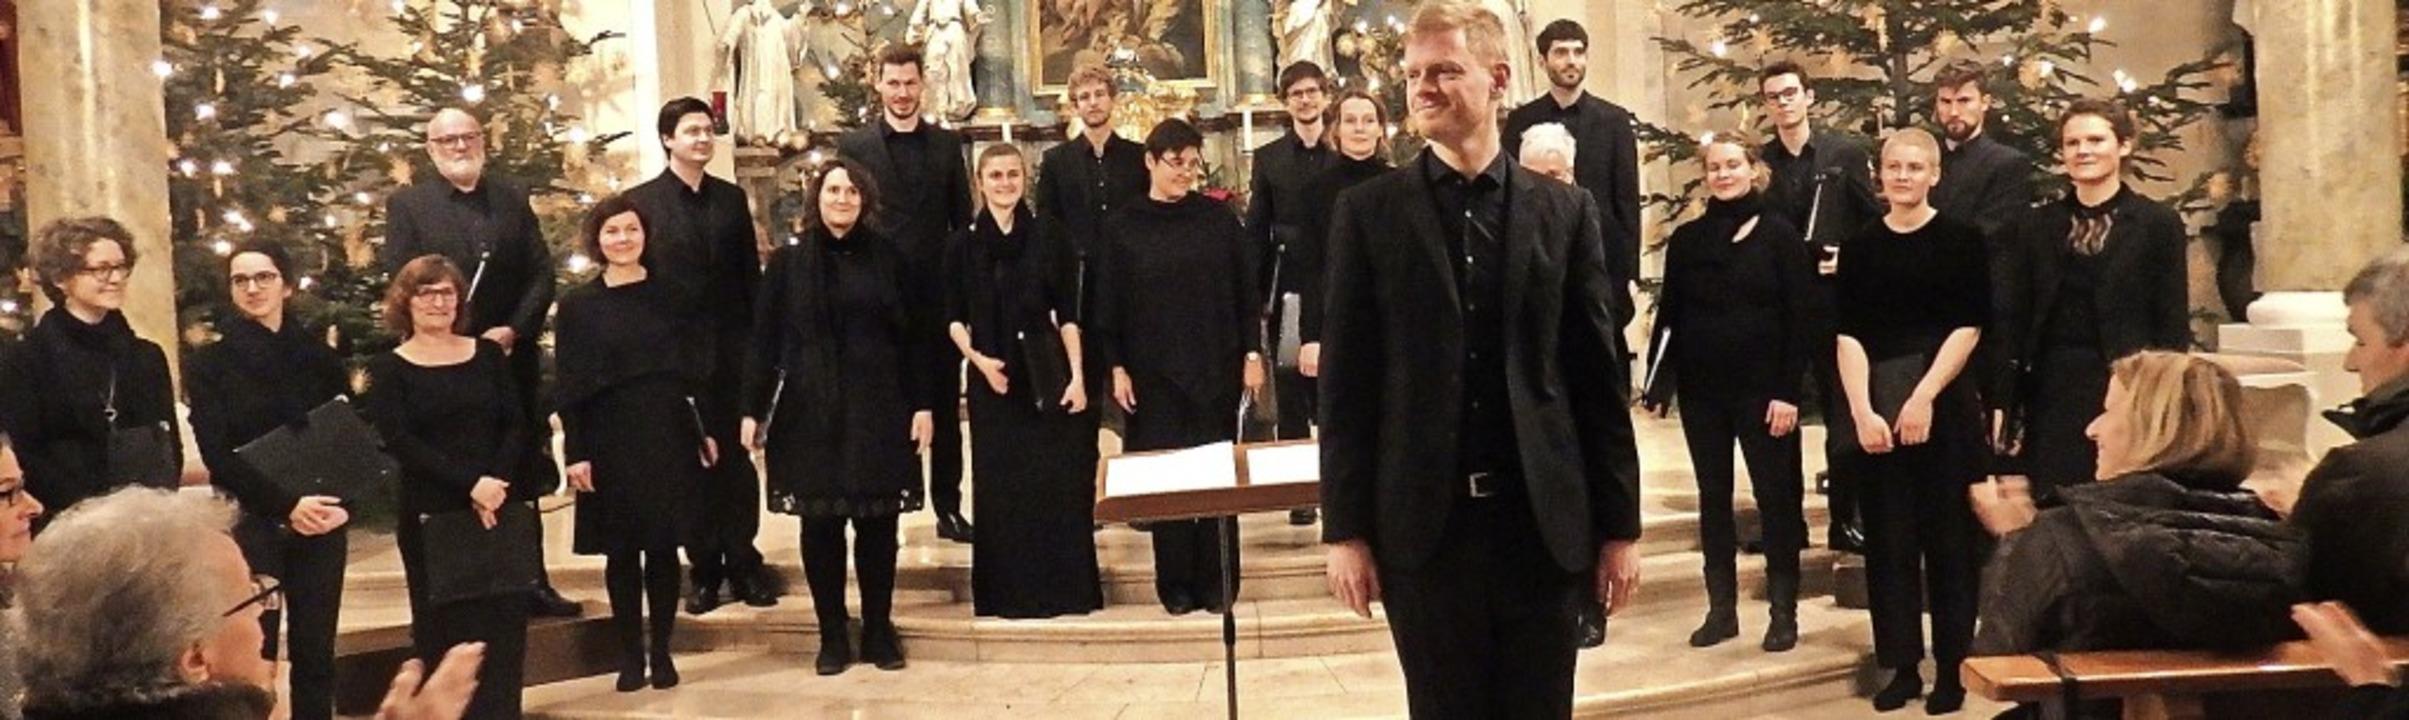 Das William-Byrd-Ensemble unter der Le...rtuosen Darbietungen in Begeisterung.   | Foto: Bianca Flier